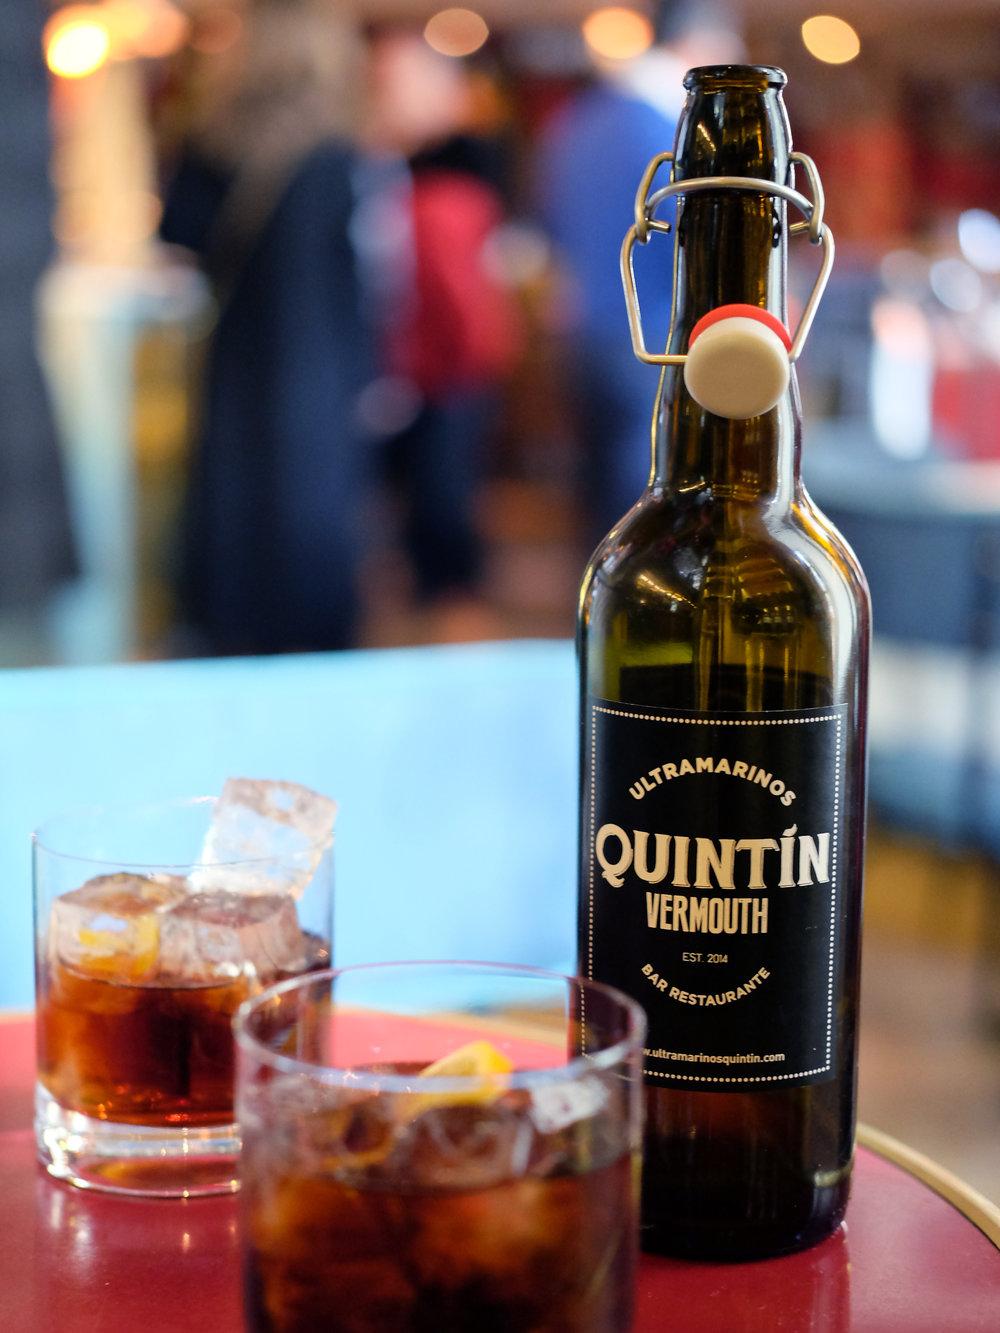 Vermouth de la casa